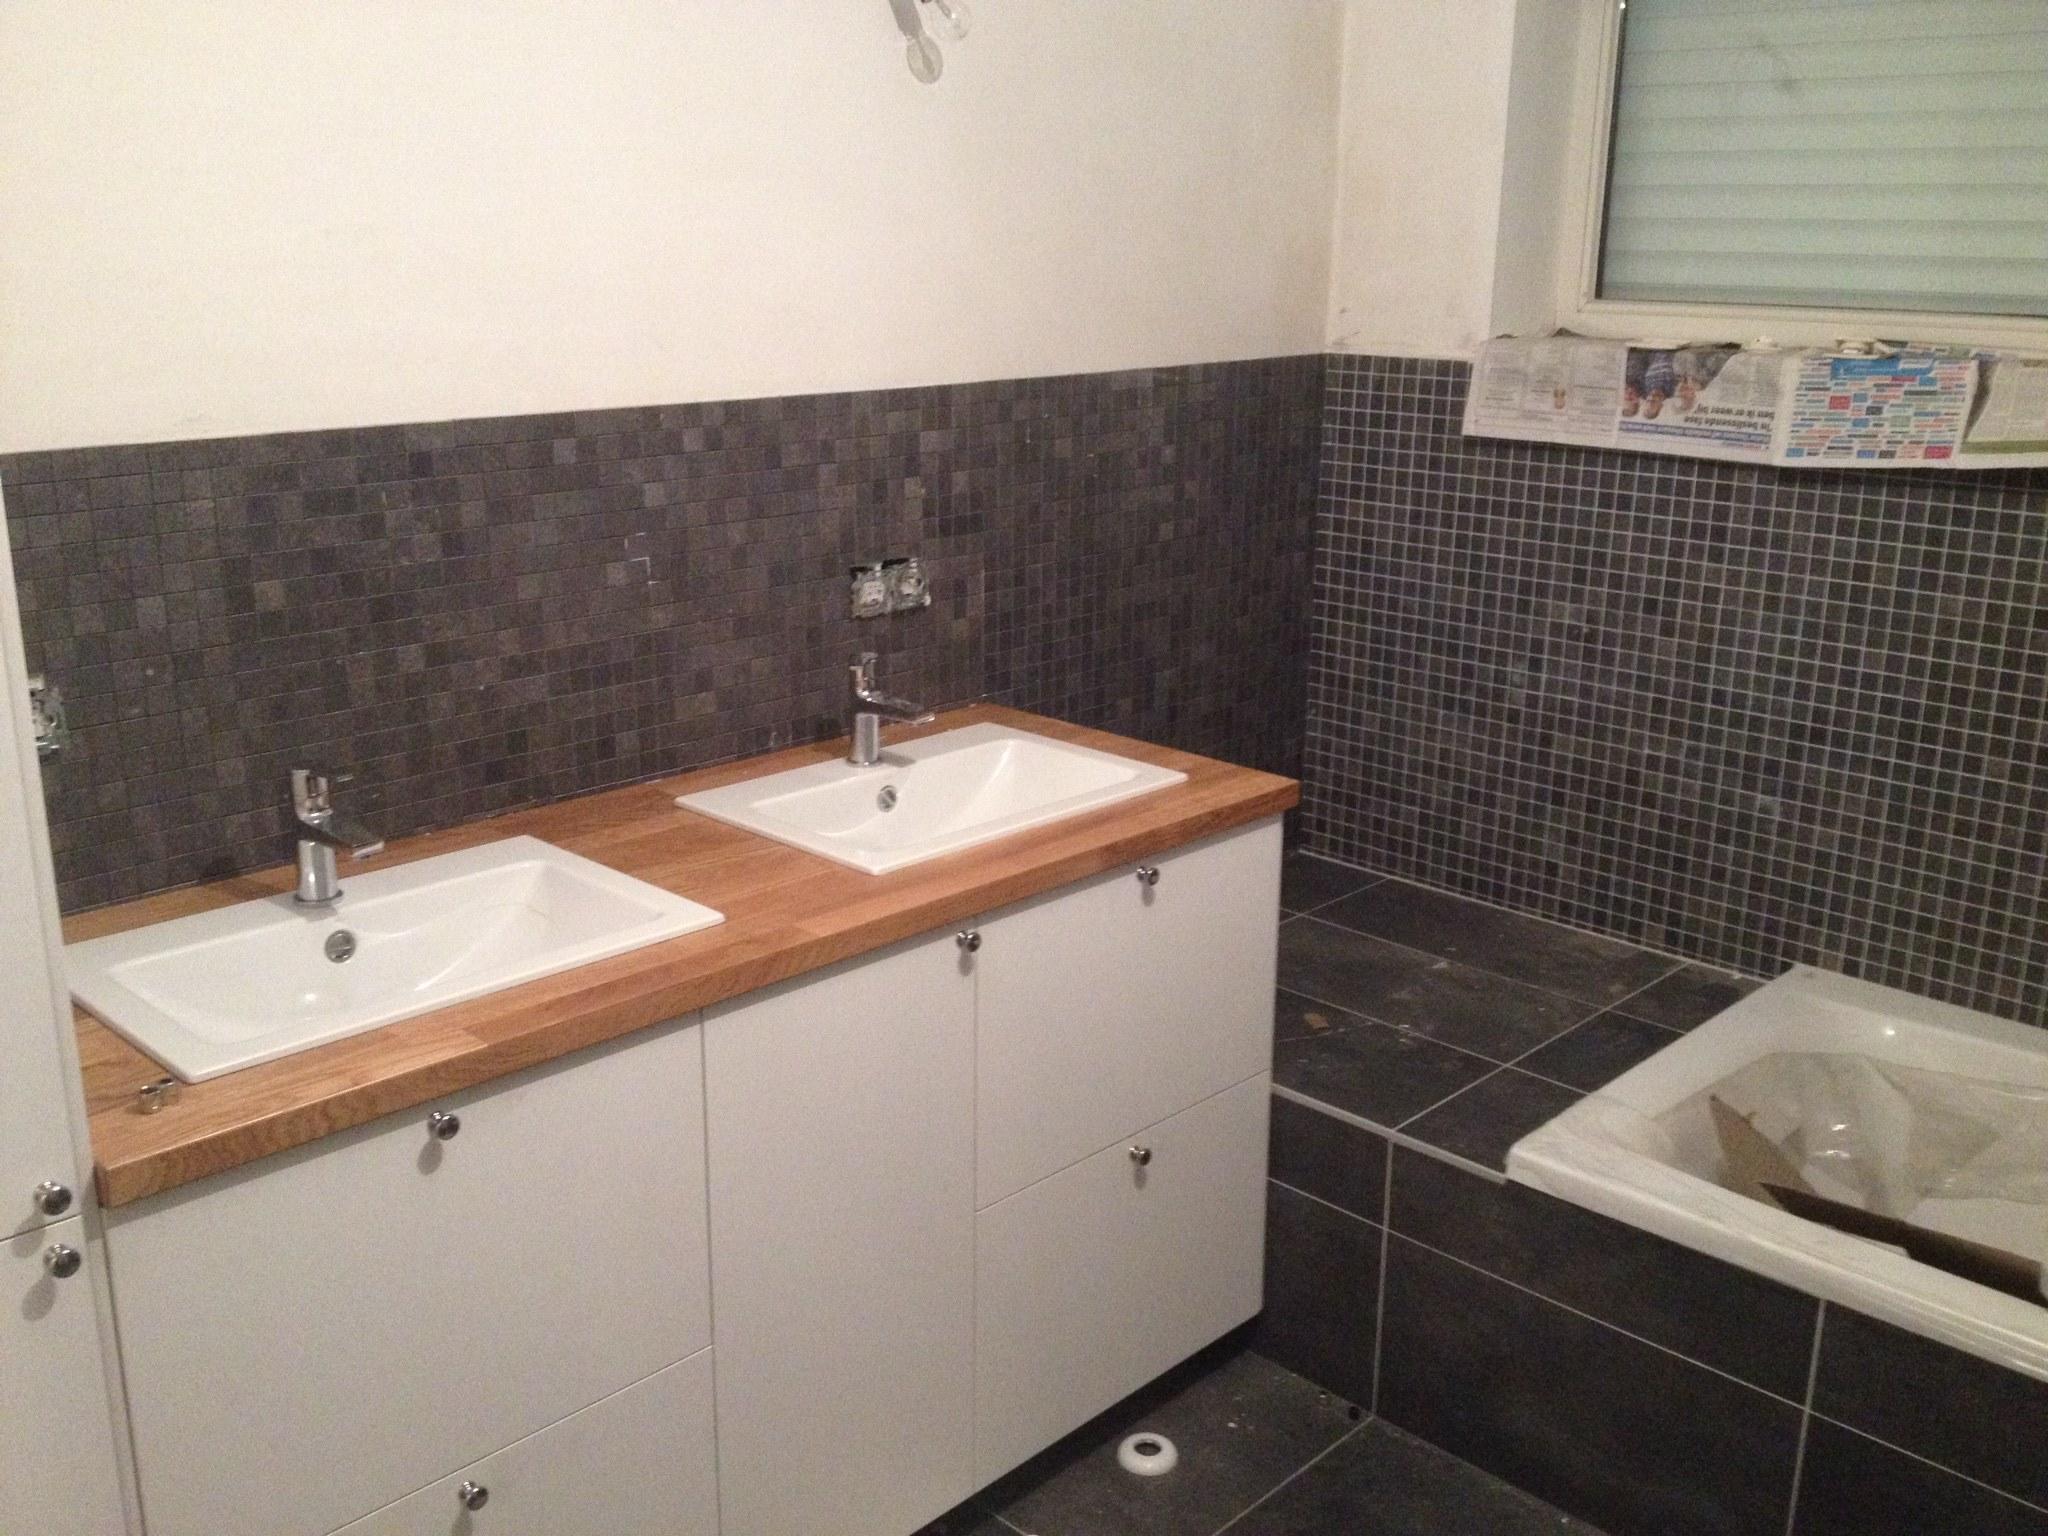 Badkamerrenovatie, vernieuwen badkamer | Bert Rebry | Roeselare